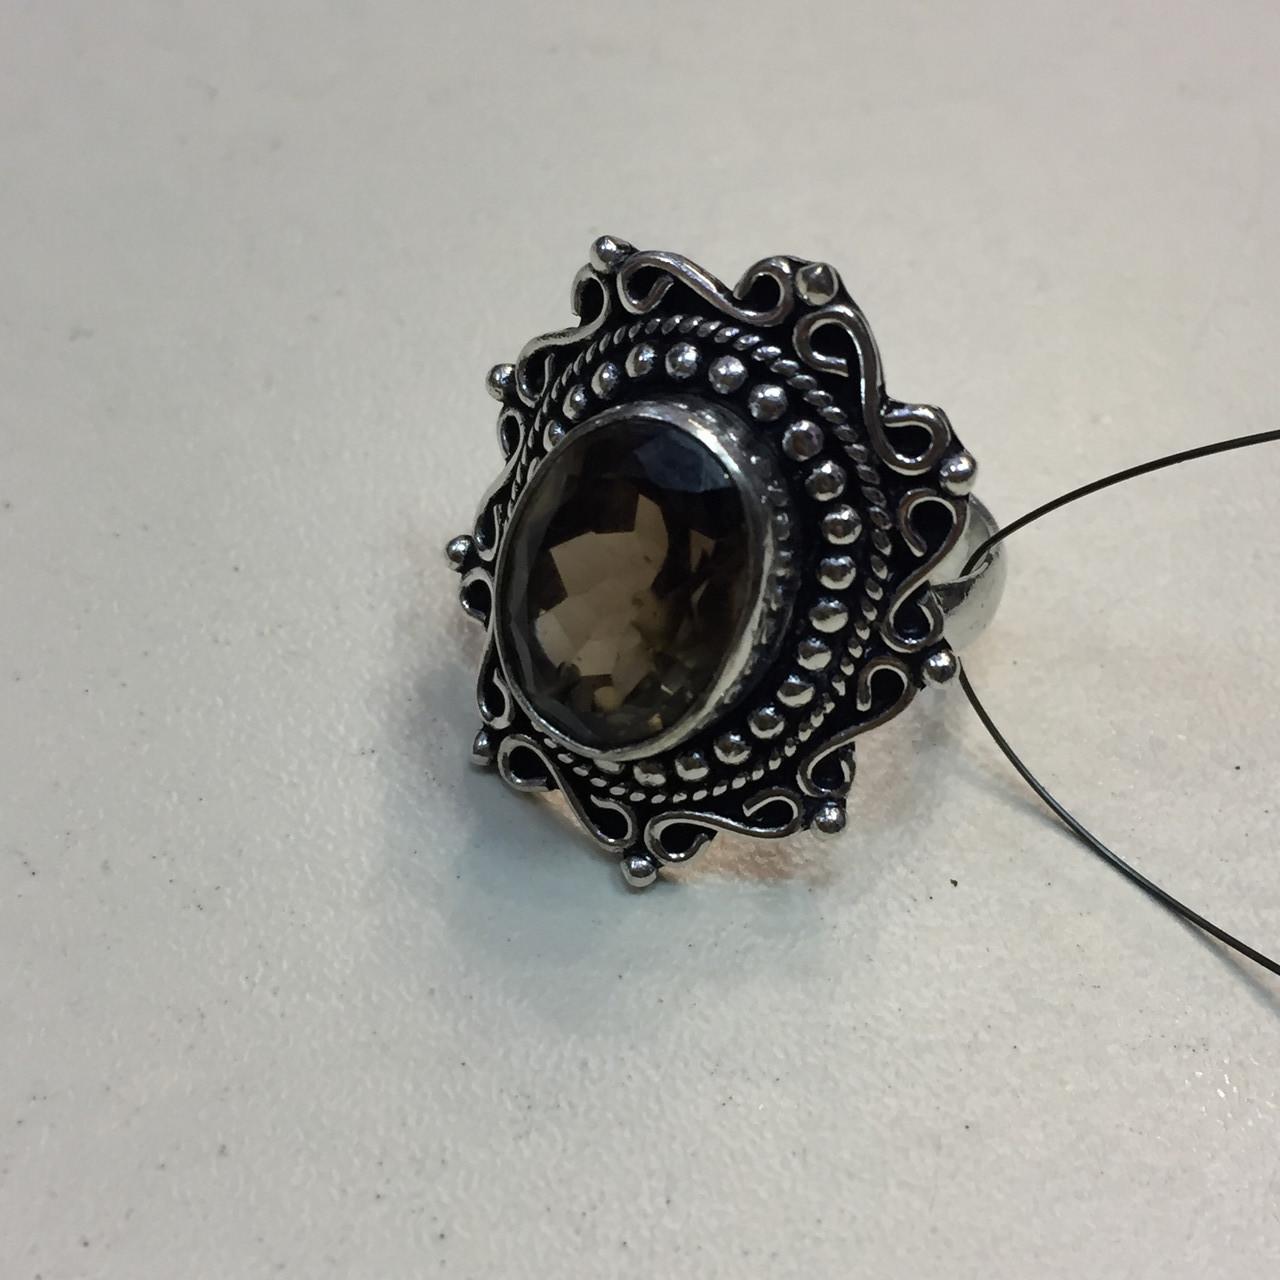 Кольцо с раух-топазом овал дымчатый кварц в серебре 18.5 размер. Кольцо с камнем раух-топаз Индия